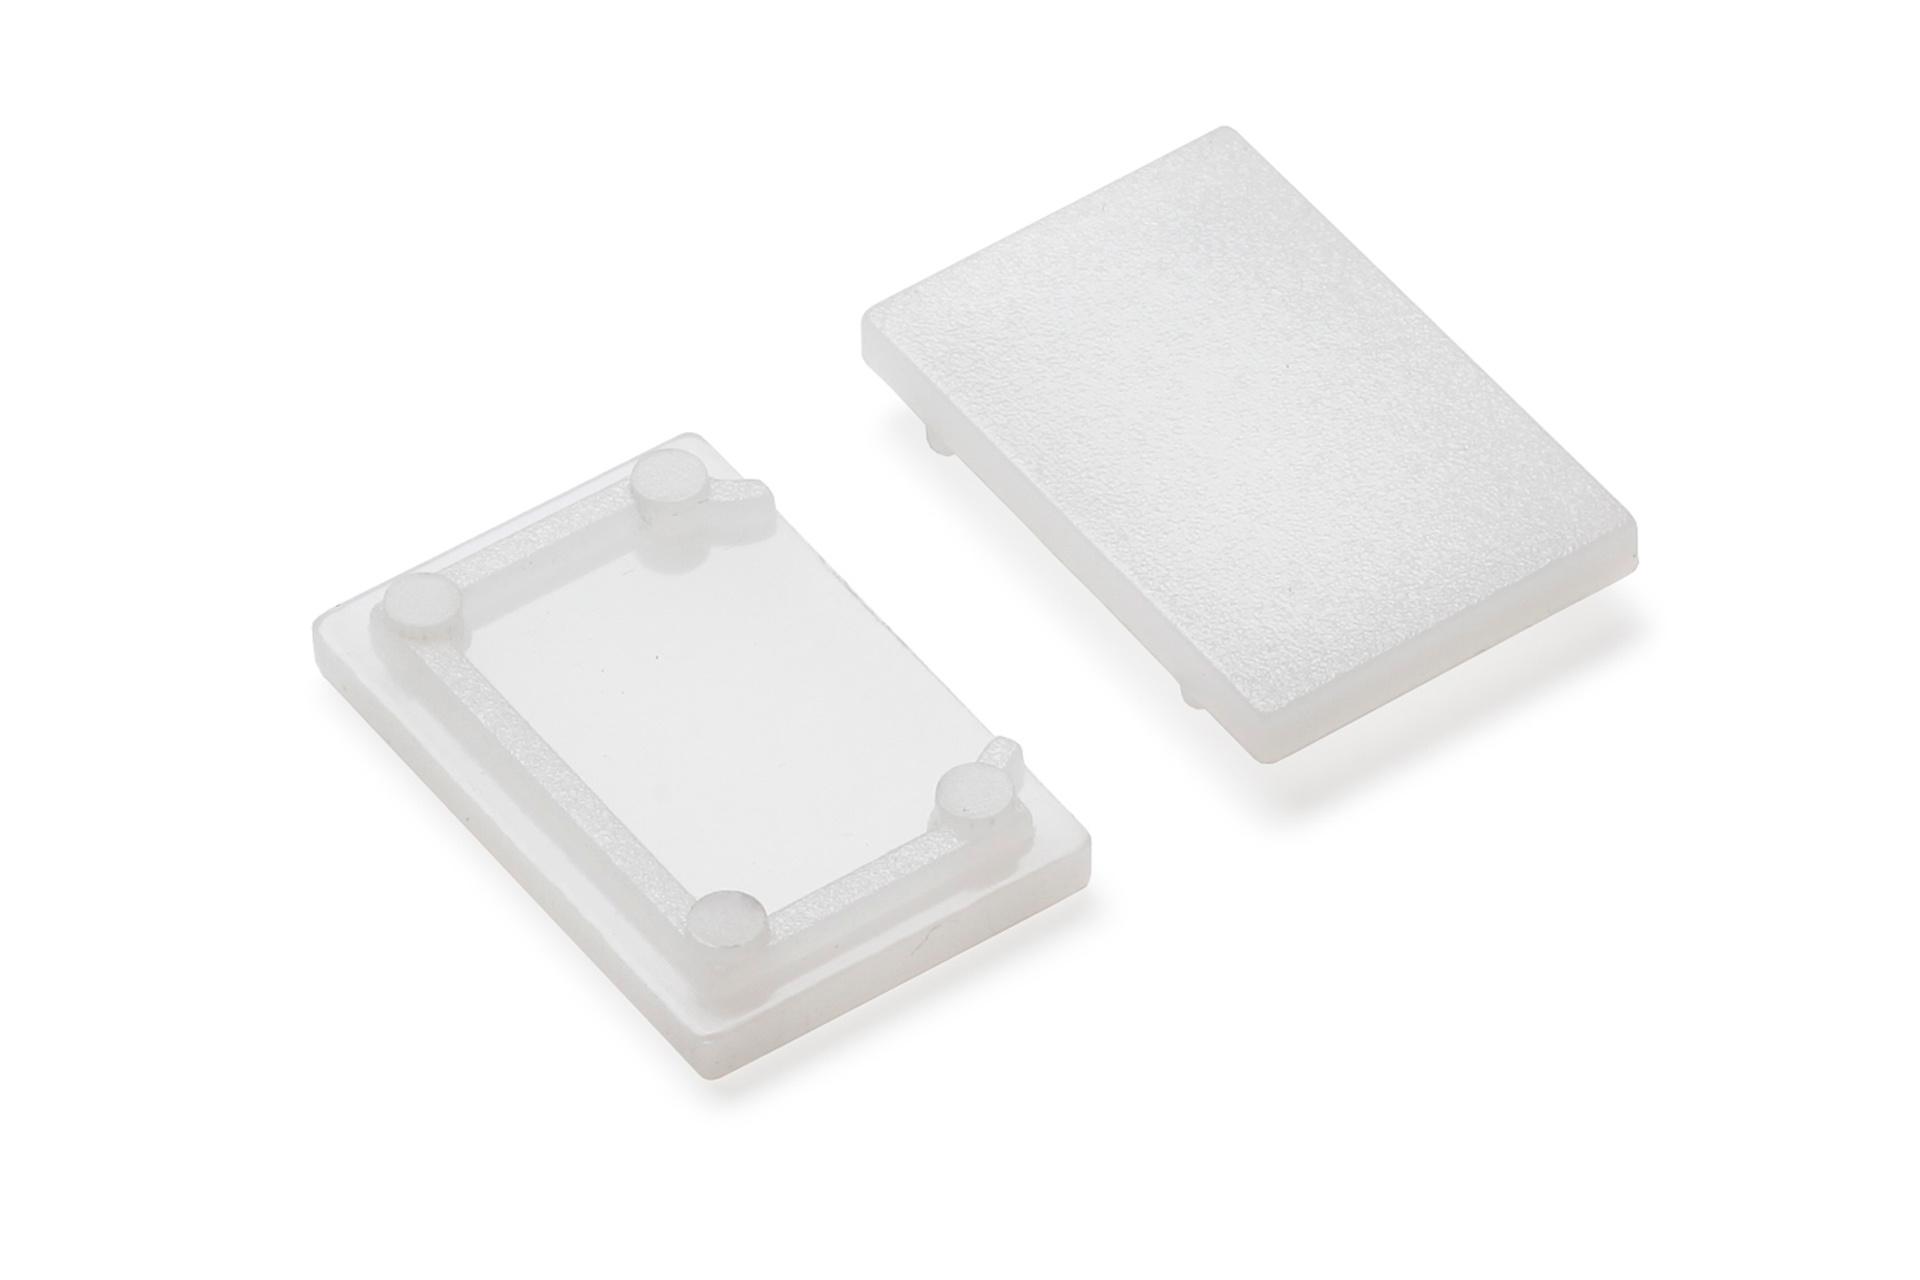 Cover E9 eindkapjes, lichtdoorlatend melkwit, Set van twee